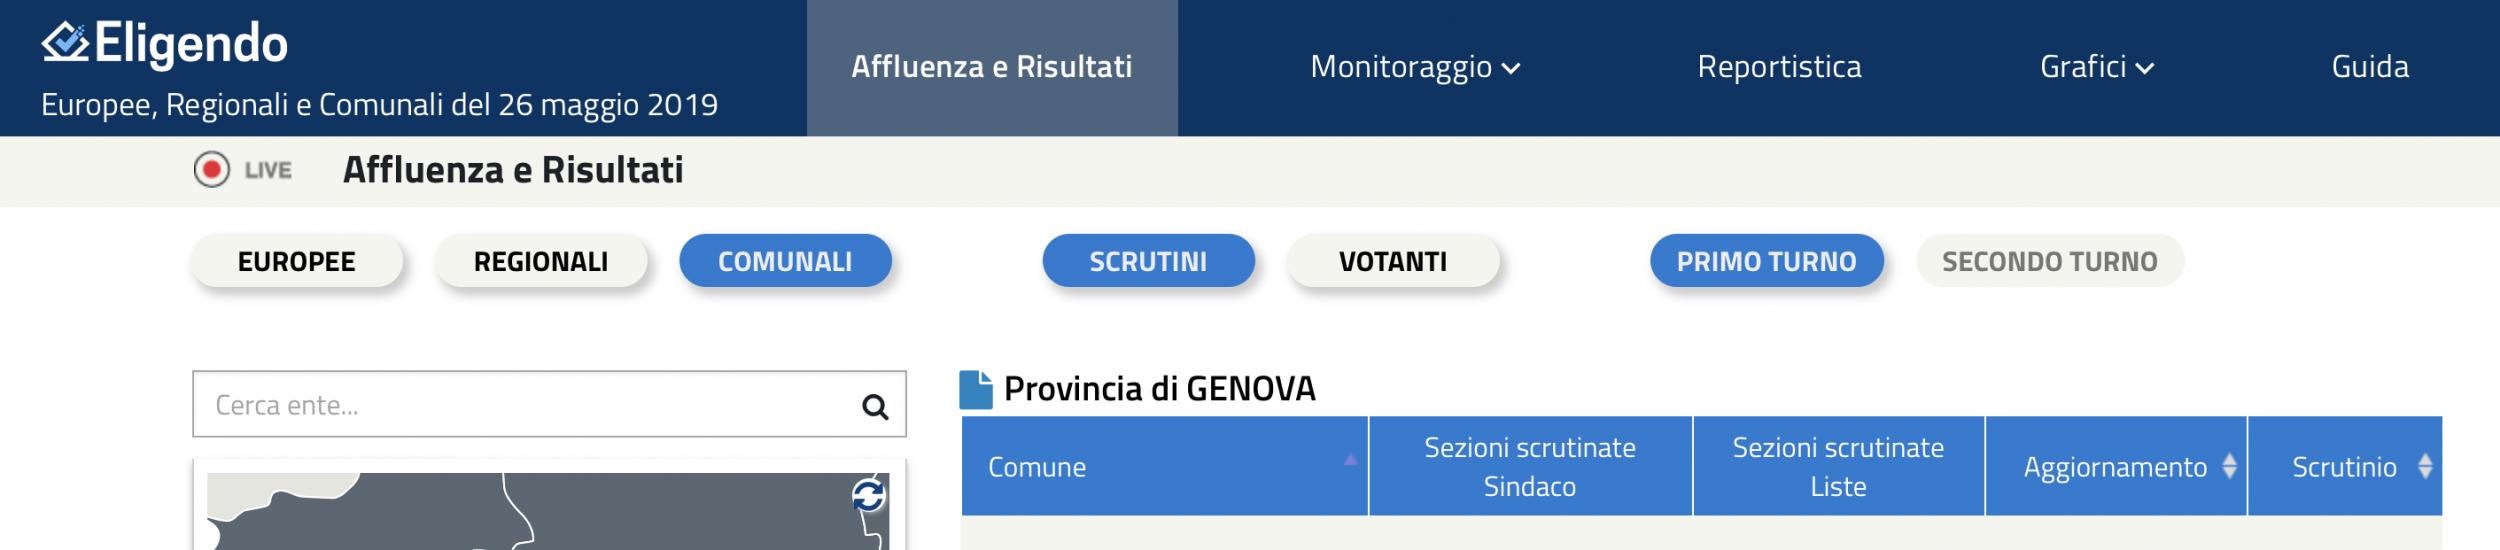 immagine 43 Comuni al voto in @Genovametropoli, 20 nuovi sindaci, 23 rieletti e 7 consiglieri metropolitani riconfermati